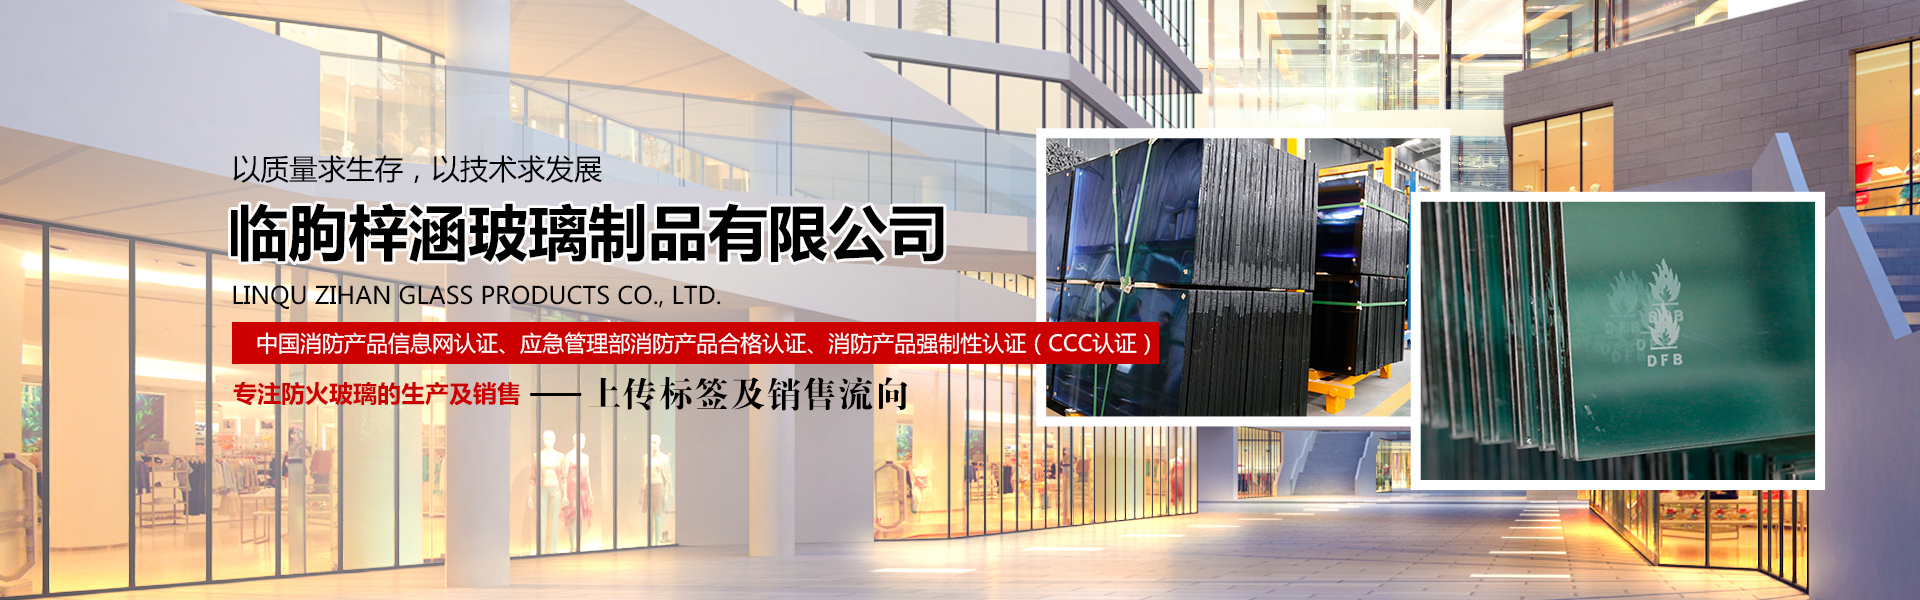 臨朐梓涵玻璃制品有限公司